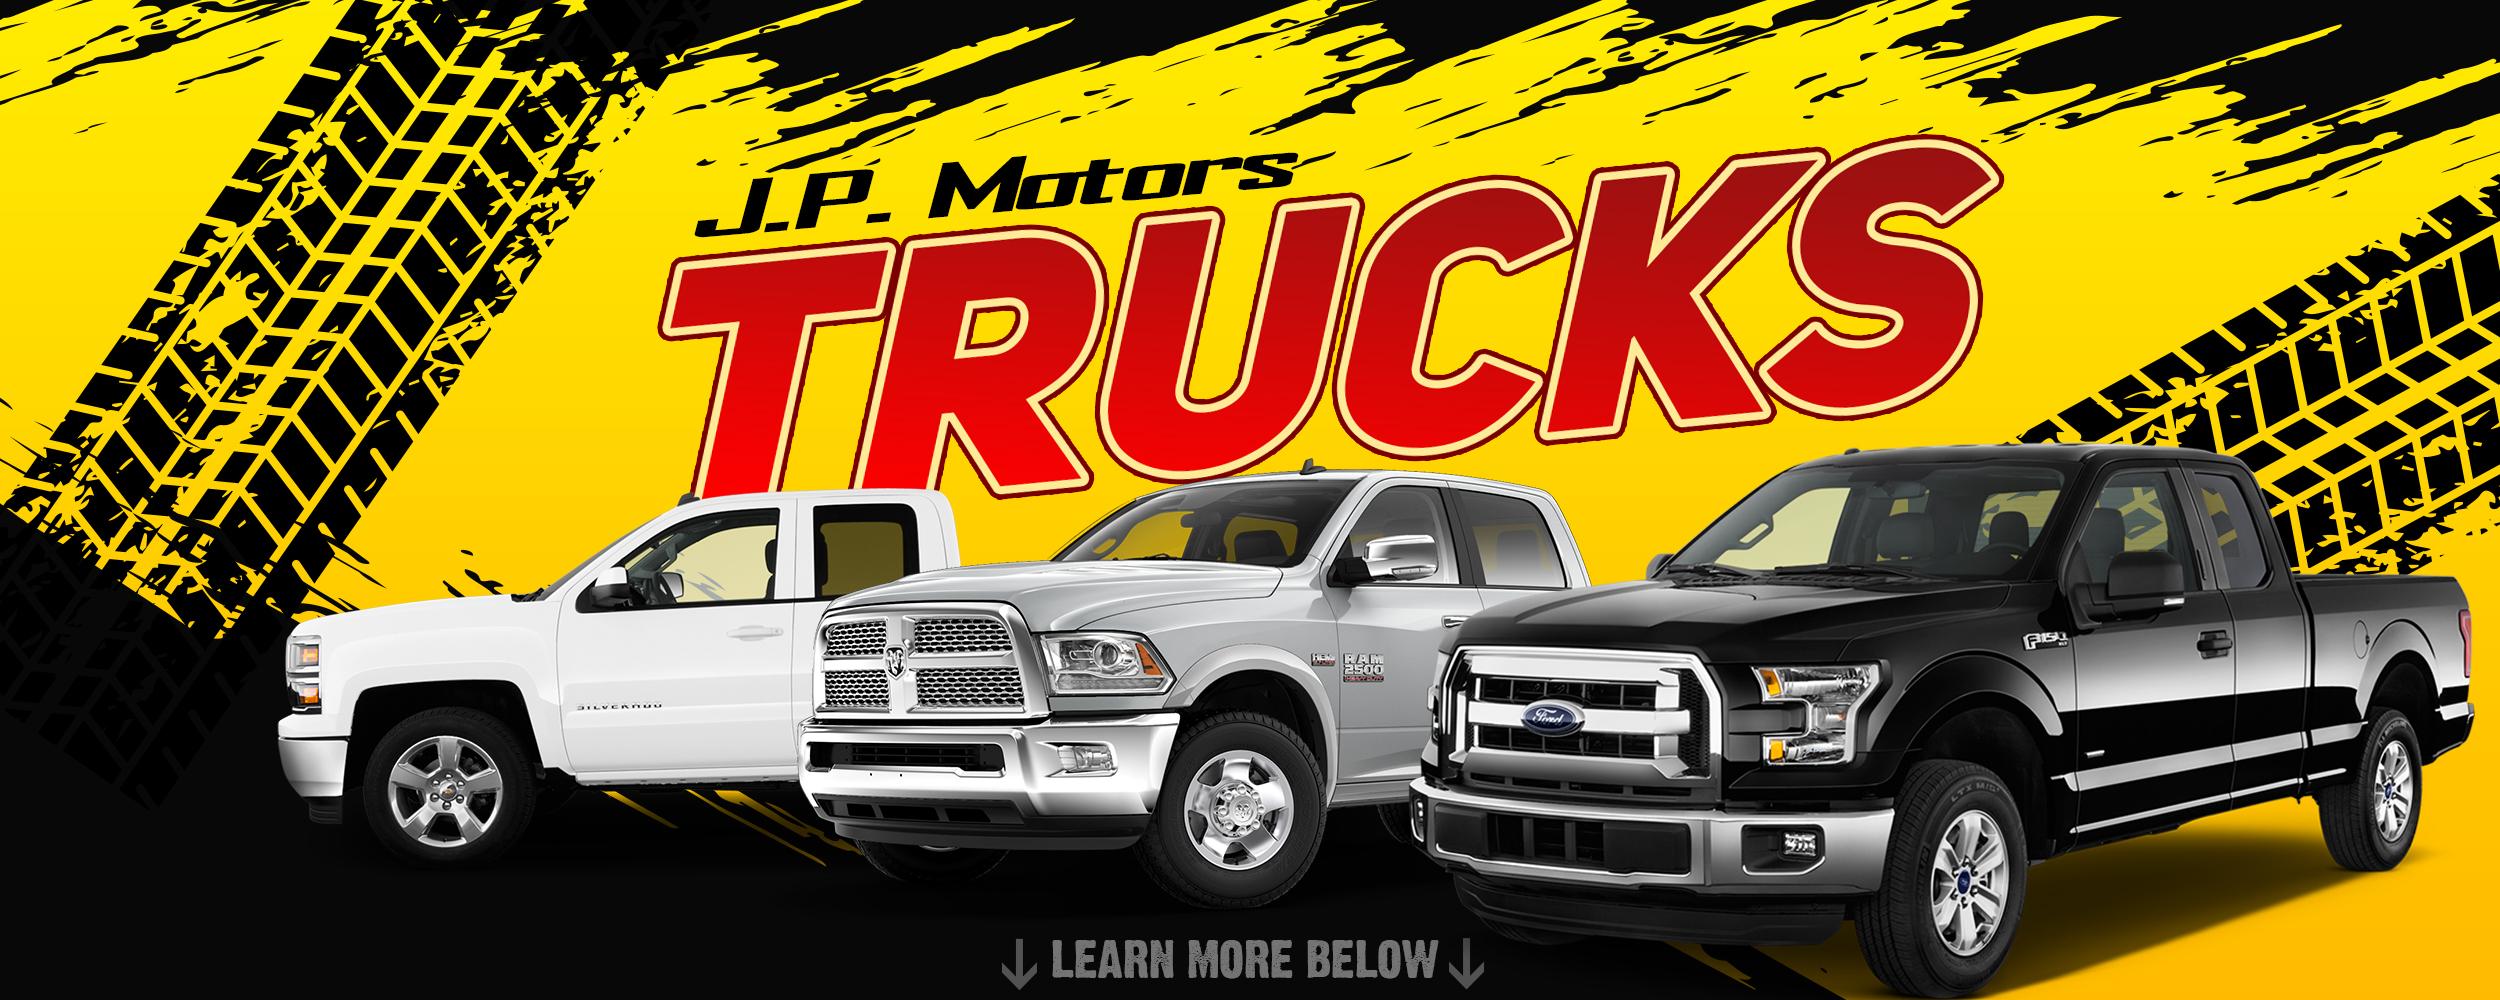 head-trucks